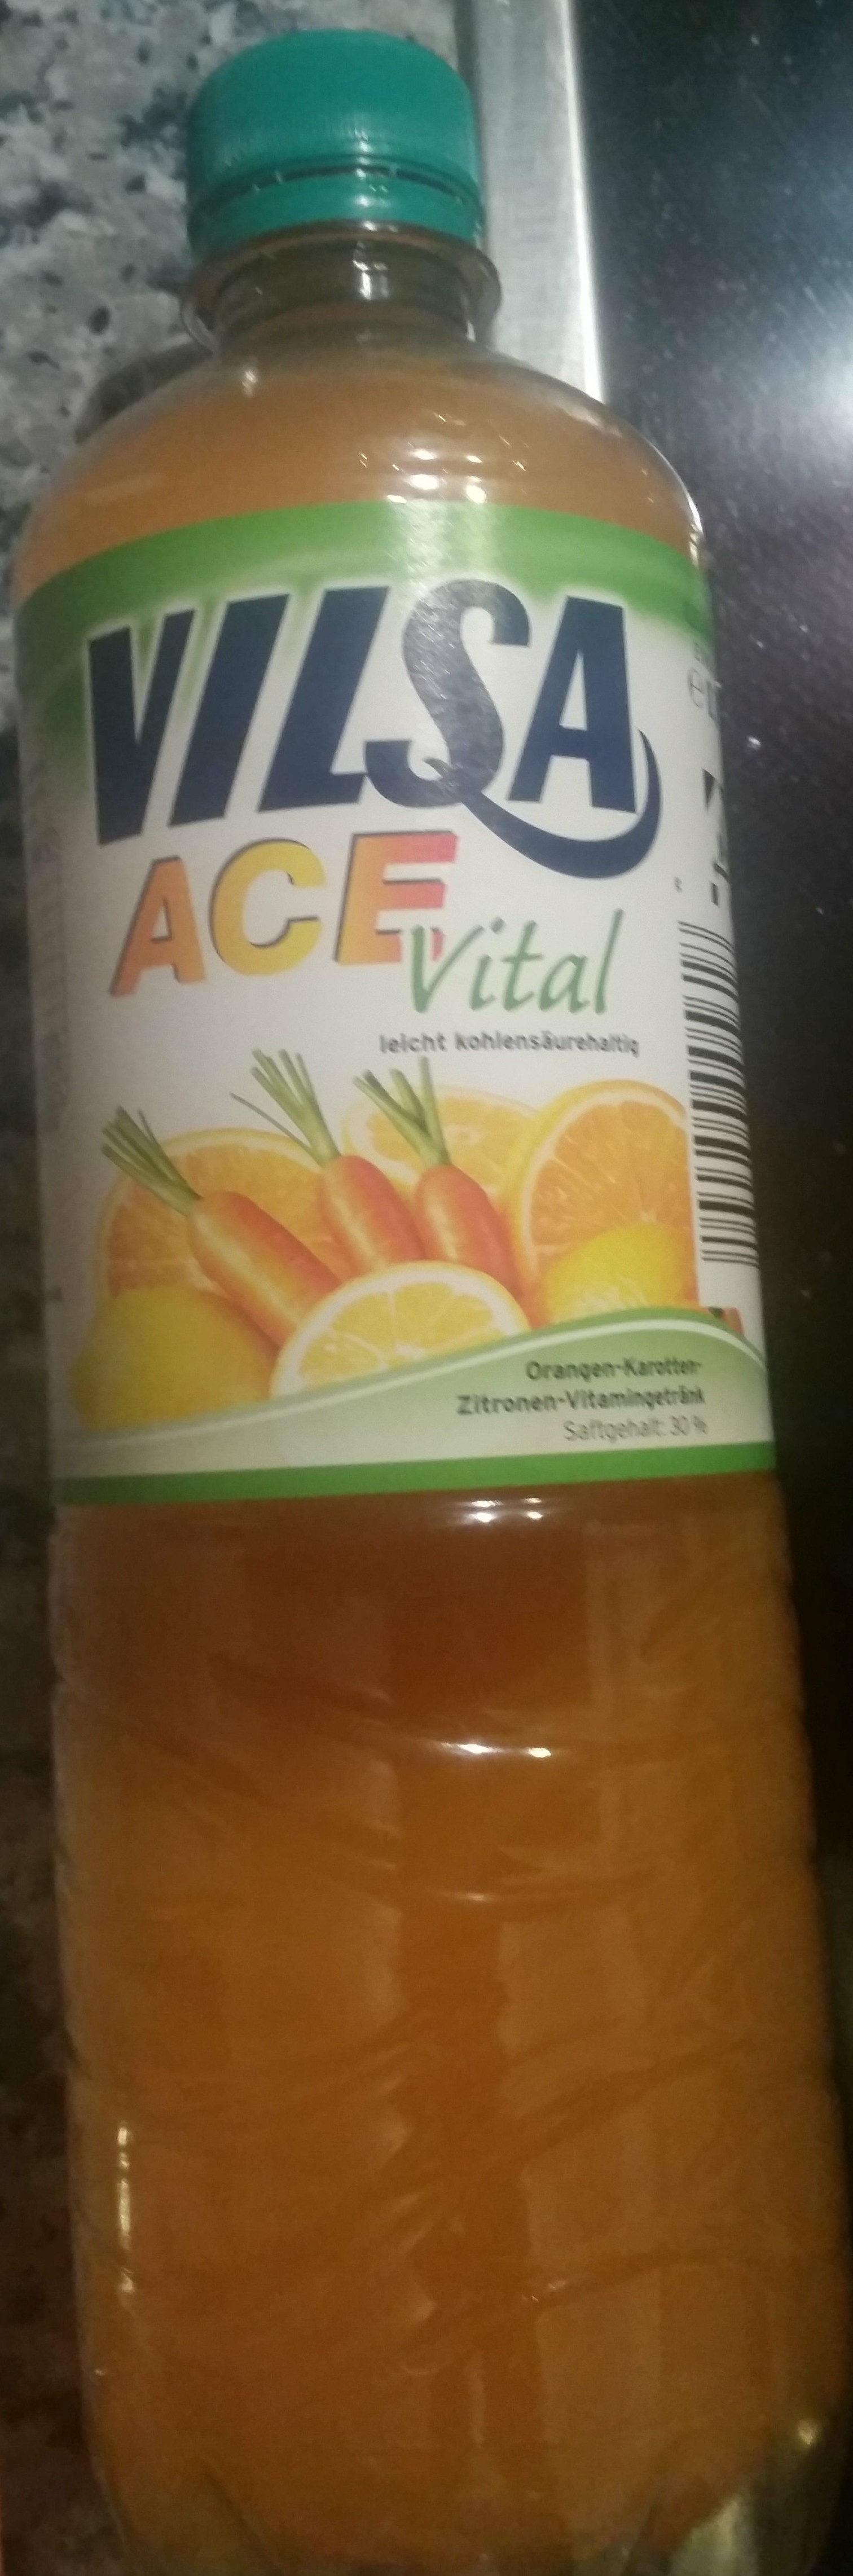 ACE Vitak - Produit - de